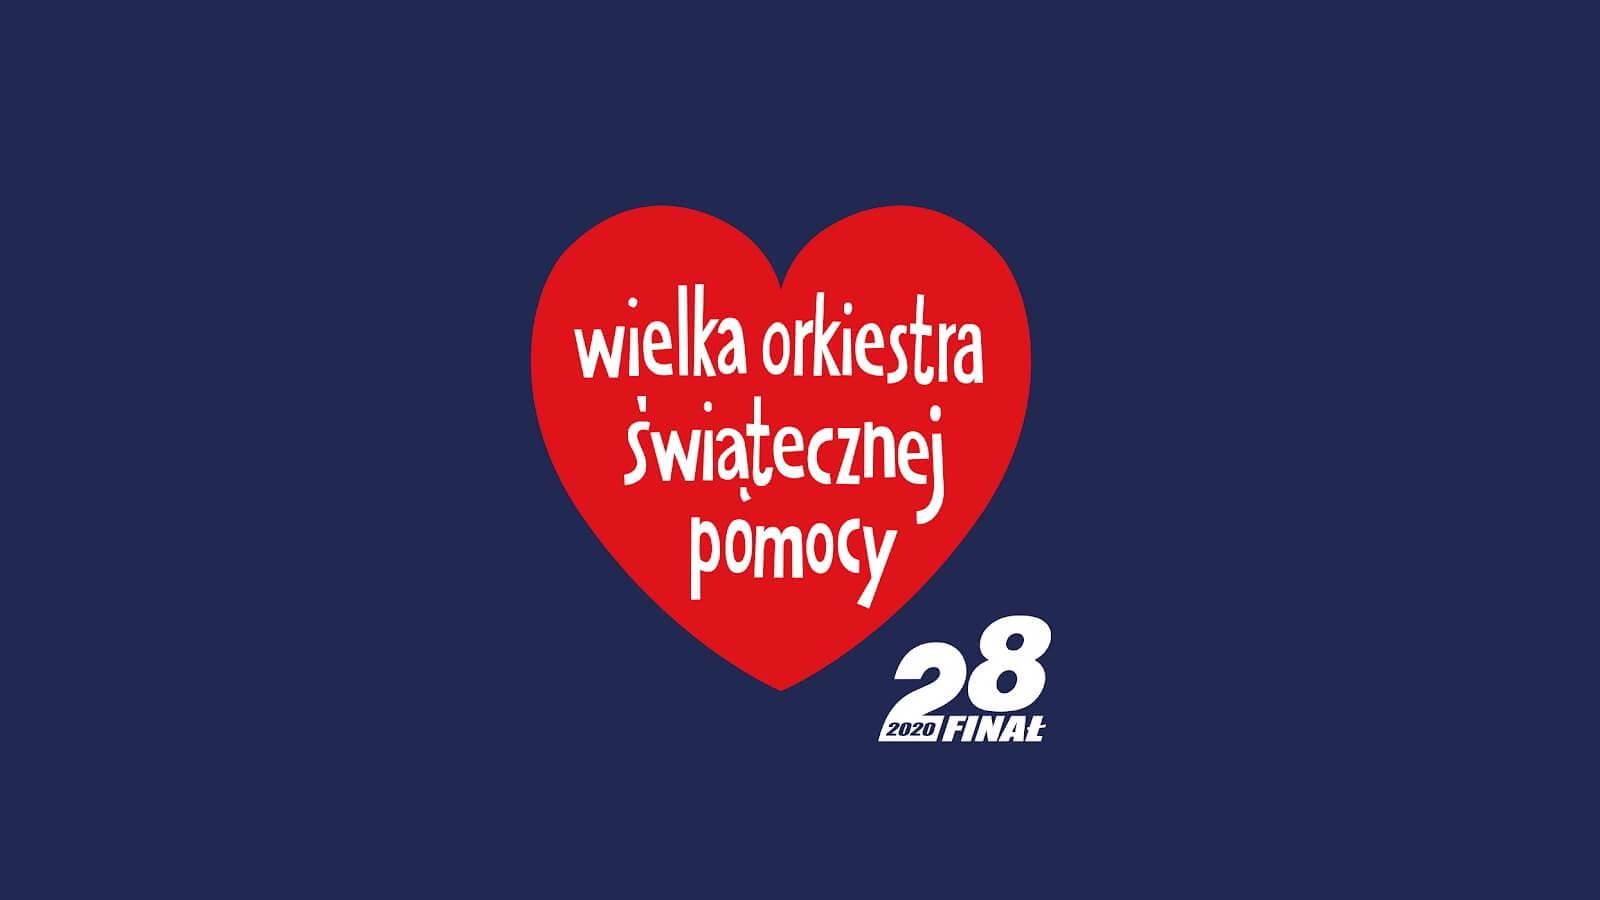 Plansza 28. Finału Wielkiej Orkiestry Świątecznej Pomocy